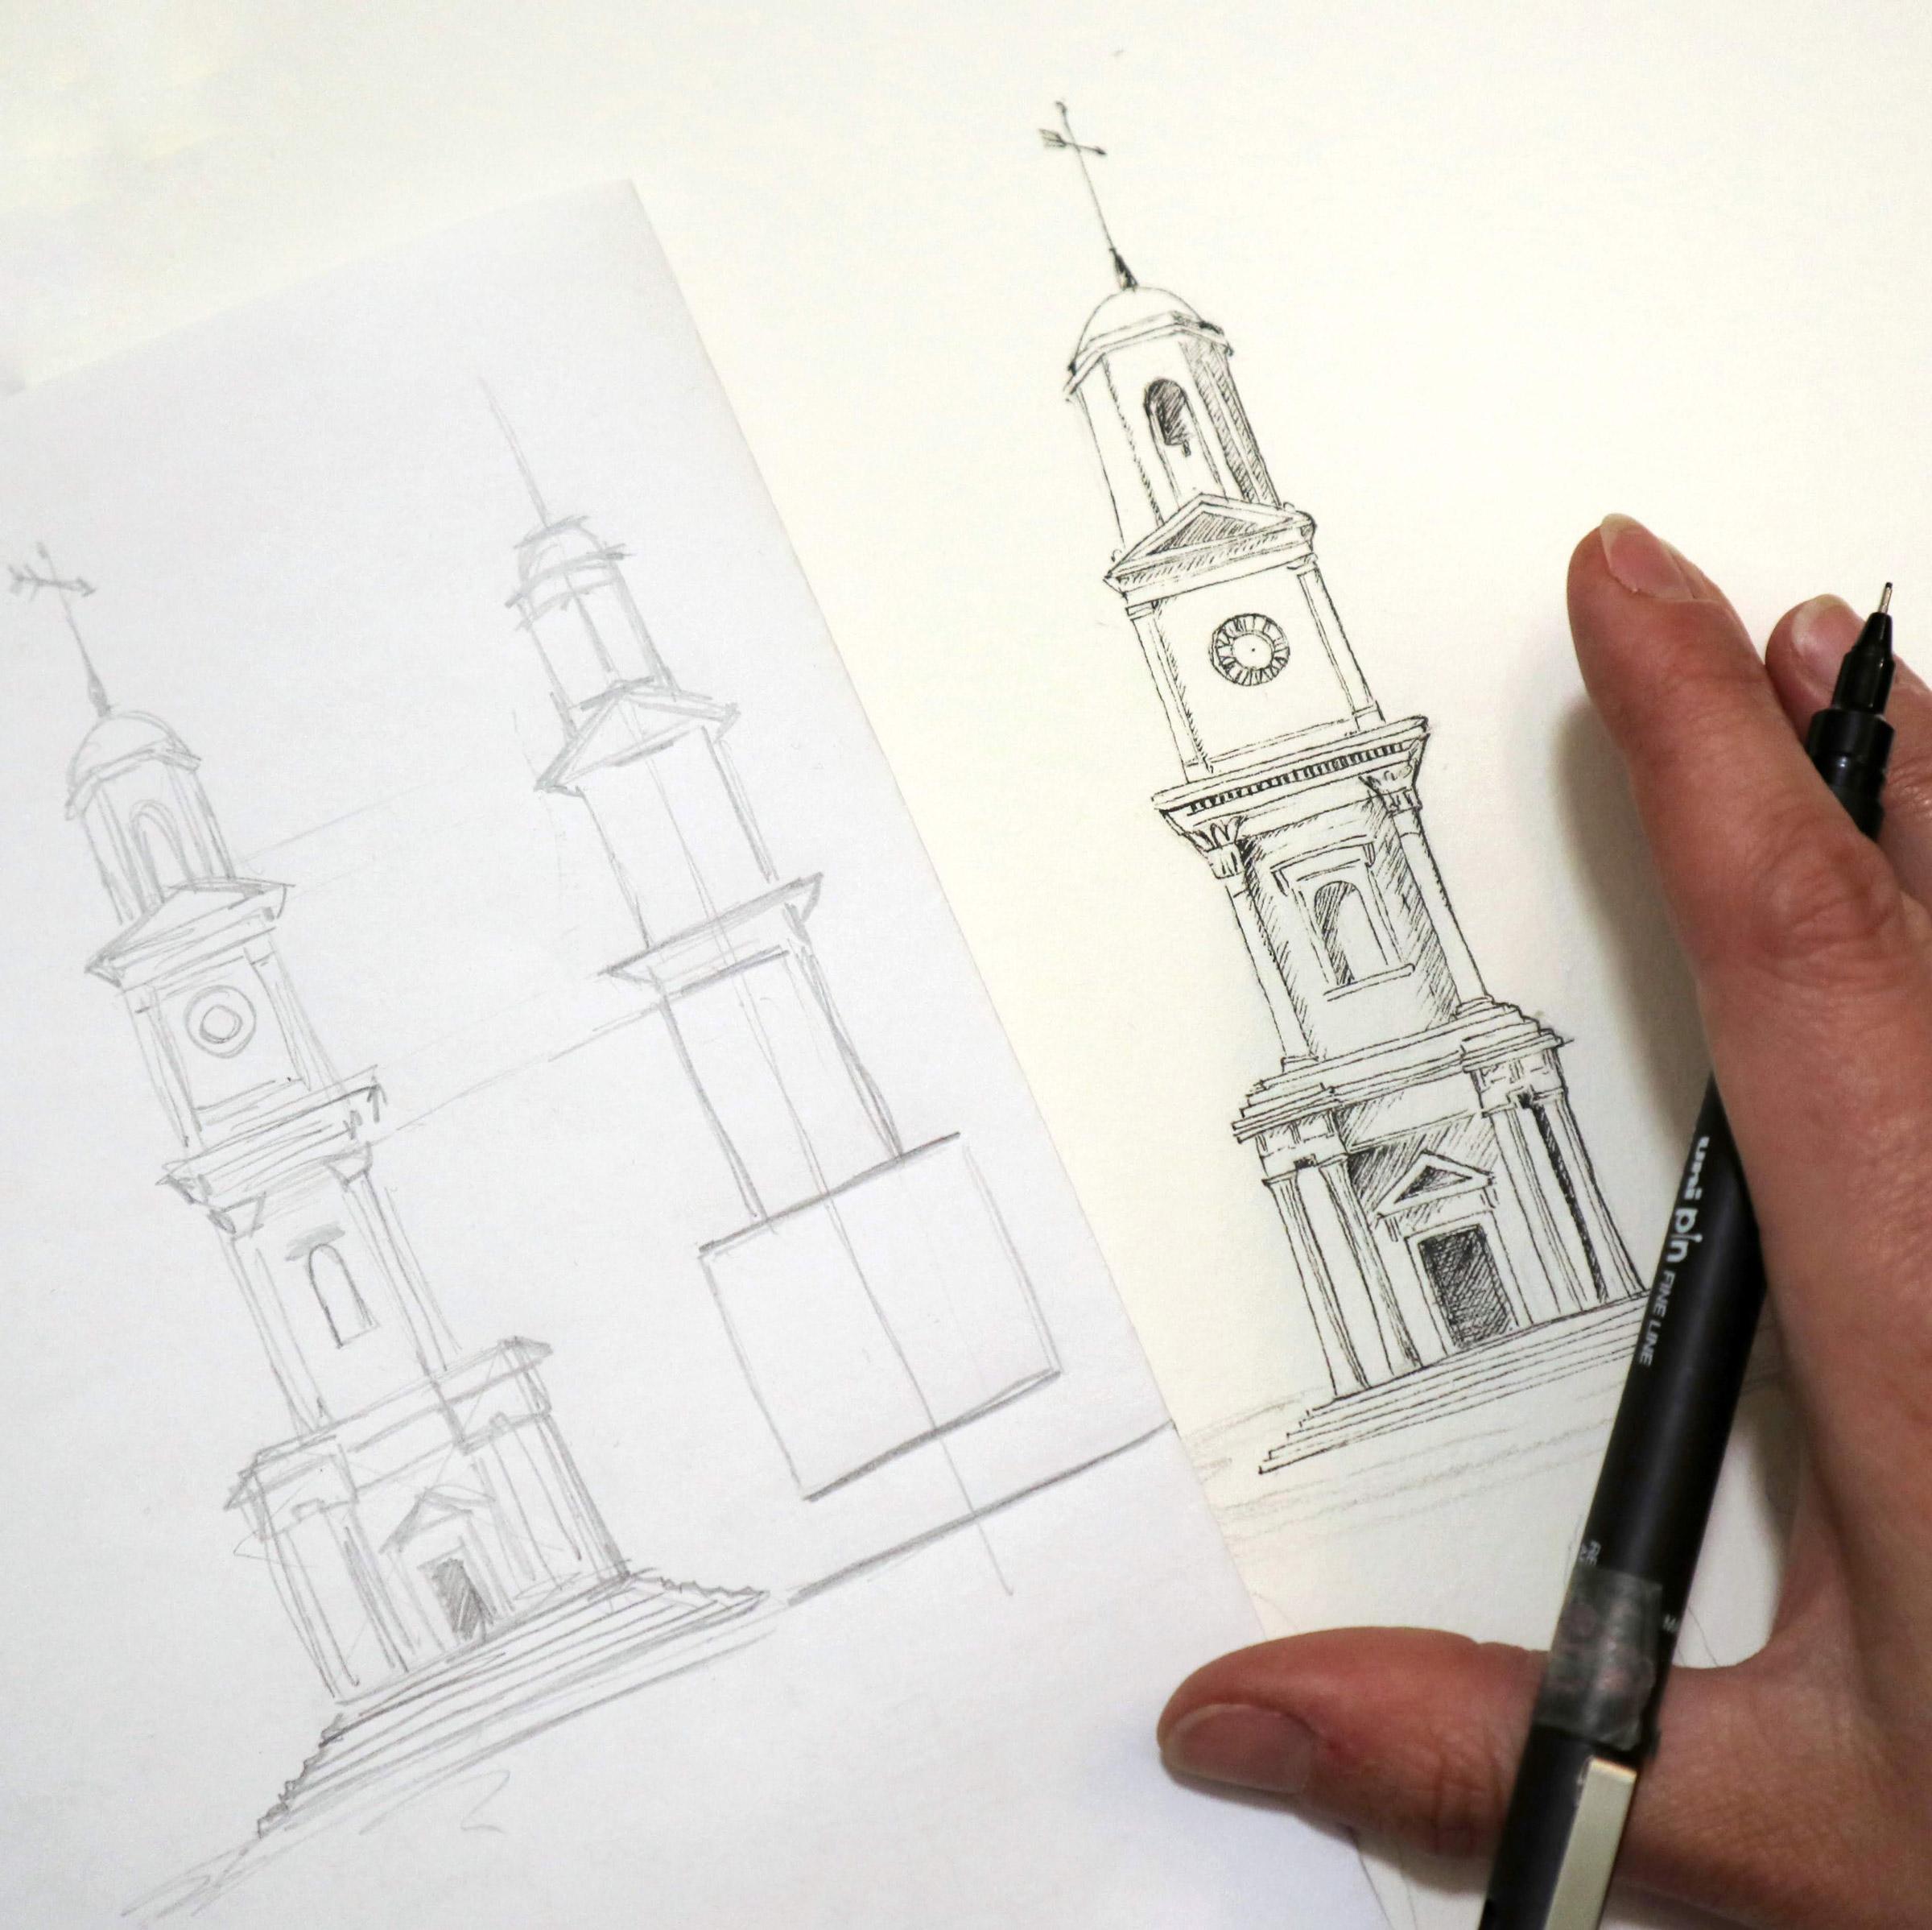 Vorzeichnung des Glockenturms zur Findung der richtigen Proportionen und Perspektive.